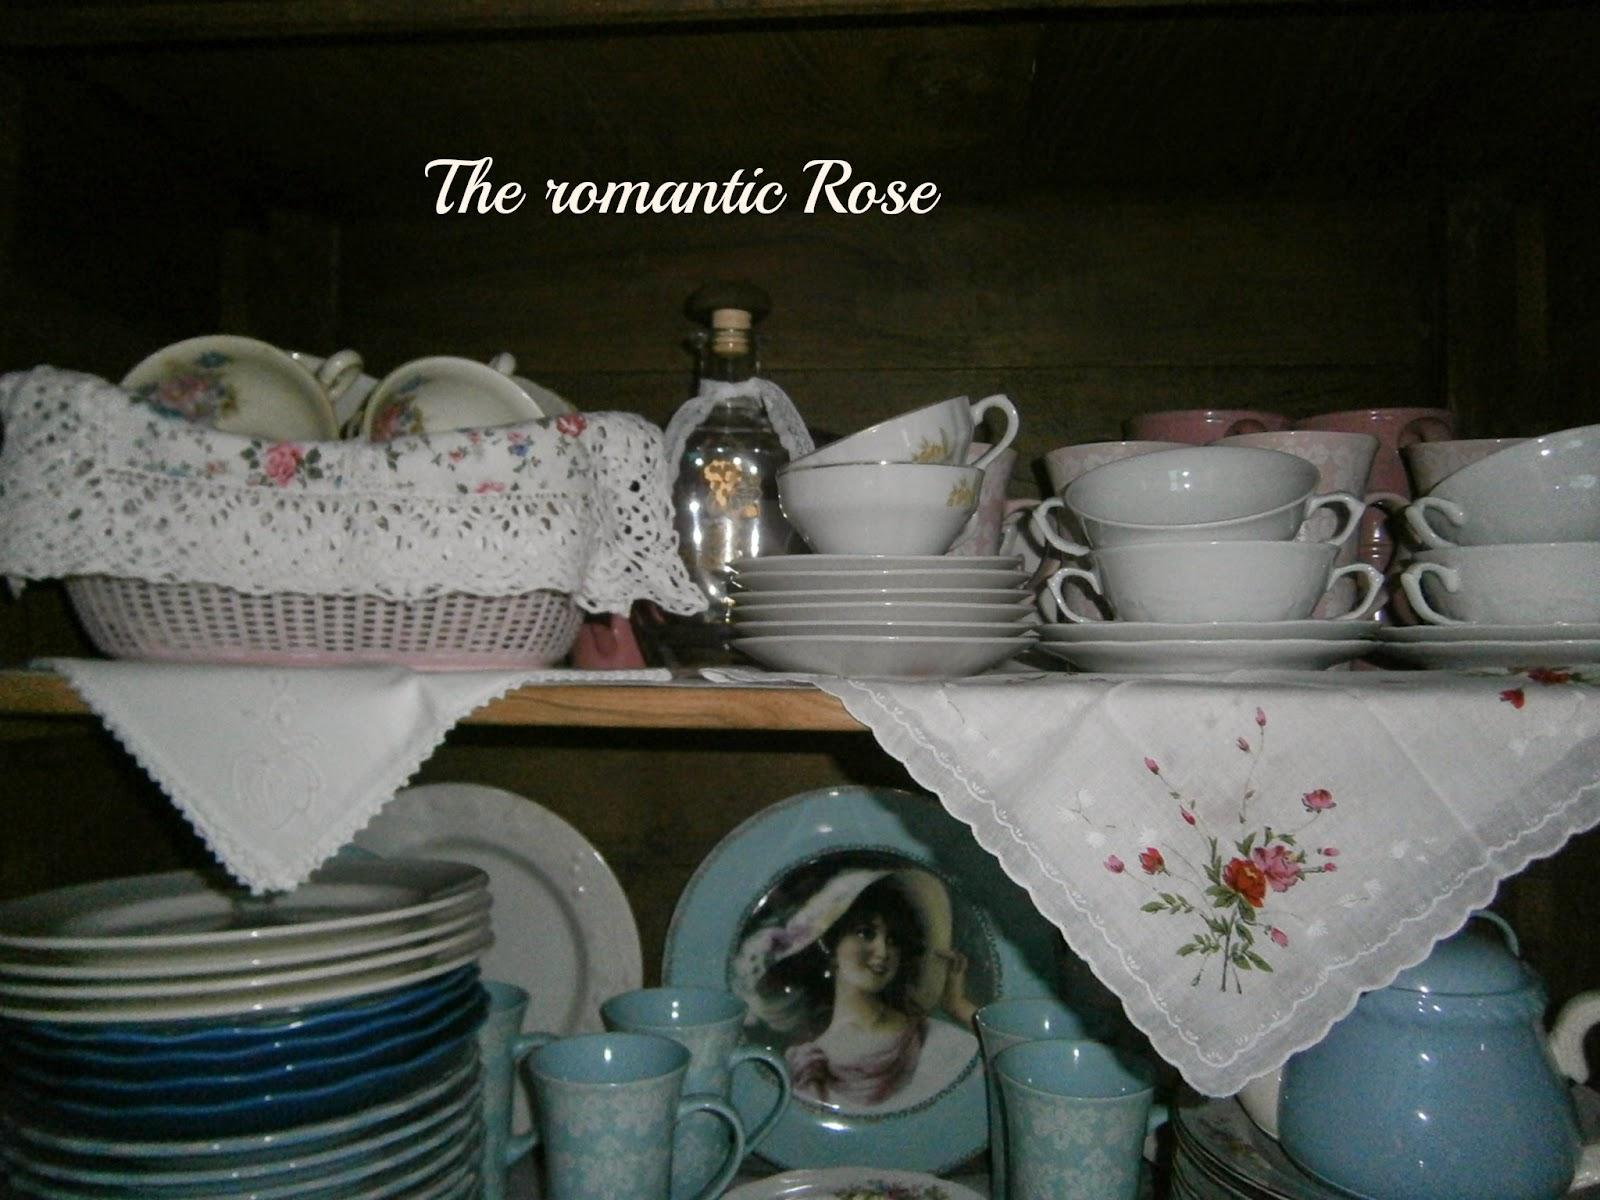 Credenza Con Tazze : The romantic rose la credenza di nonna elvira